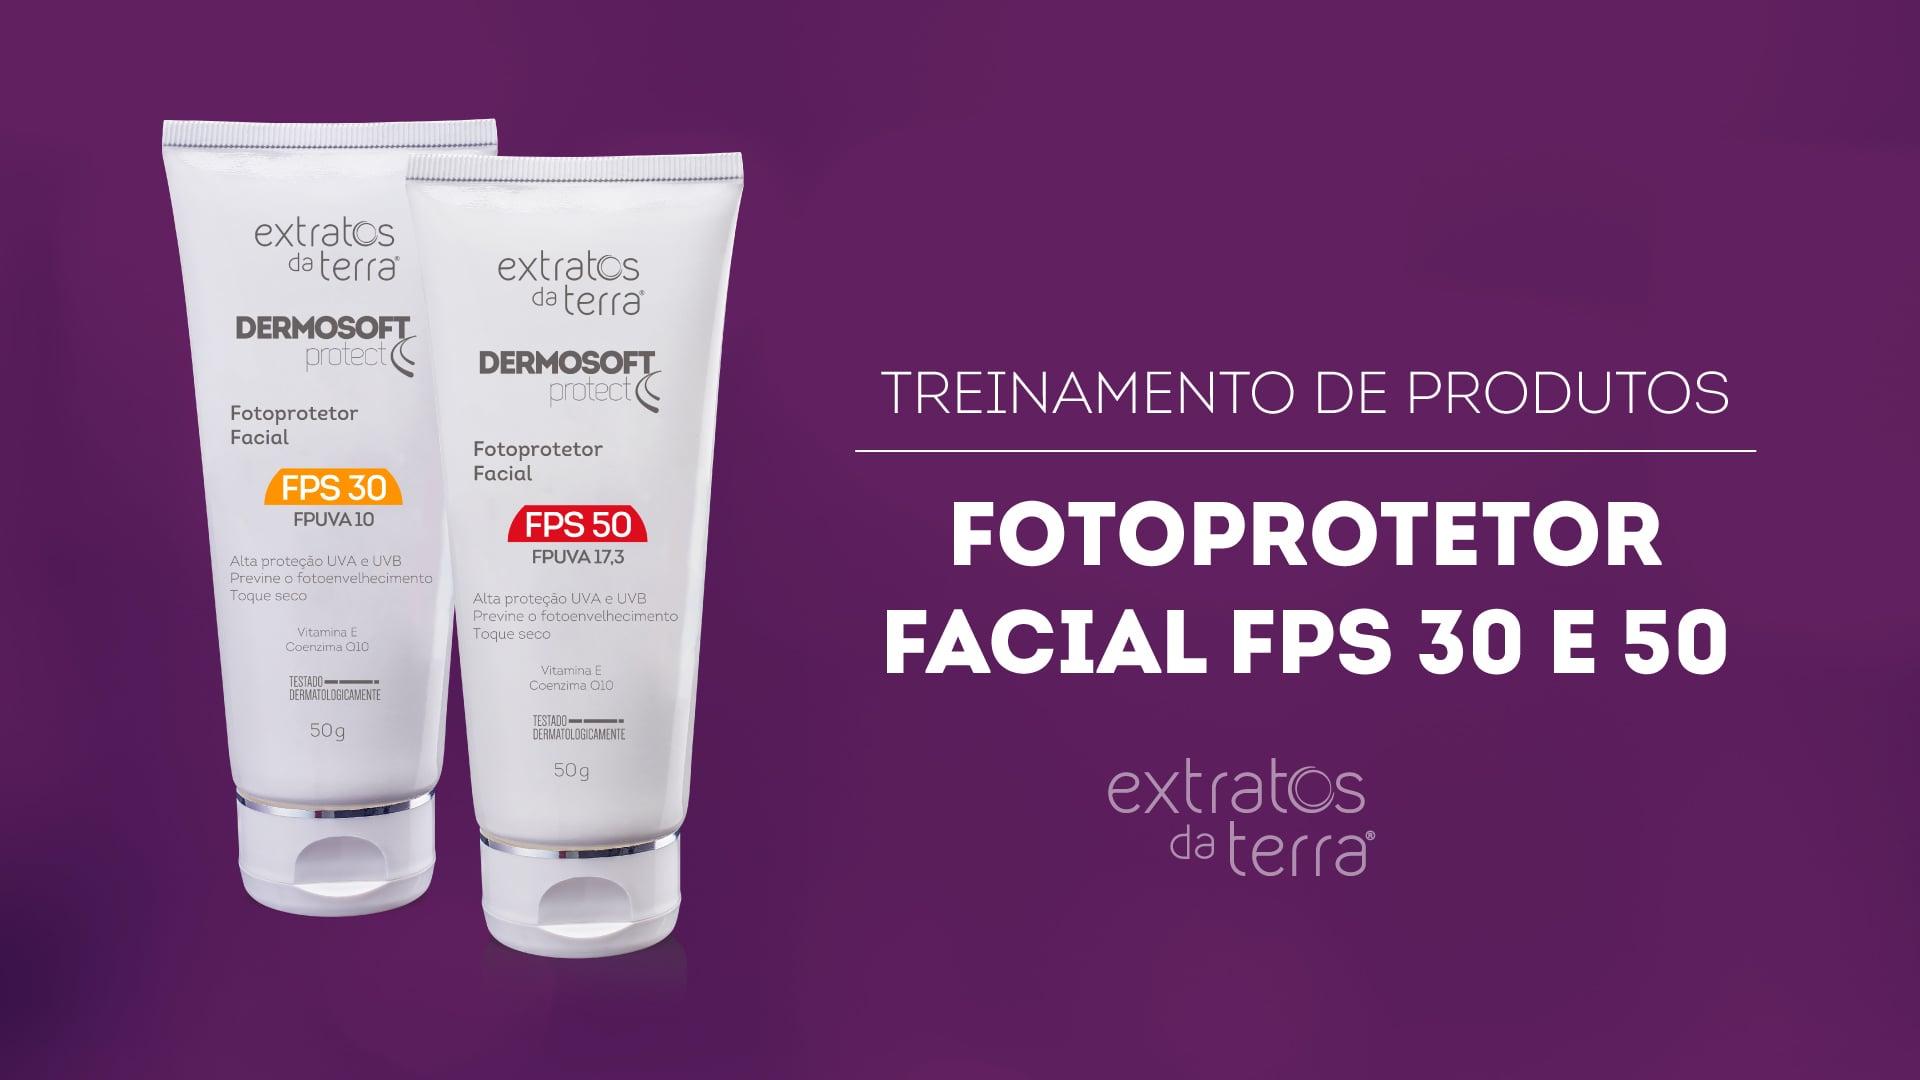 Conhecendo o Produto - Dermosoft Protect Fotoprotetor Facial FPS 30 e FPS 50